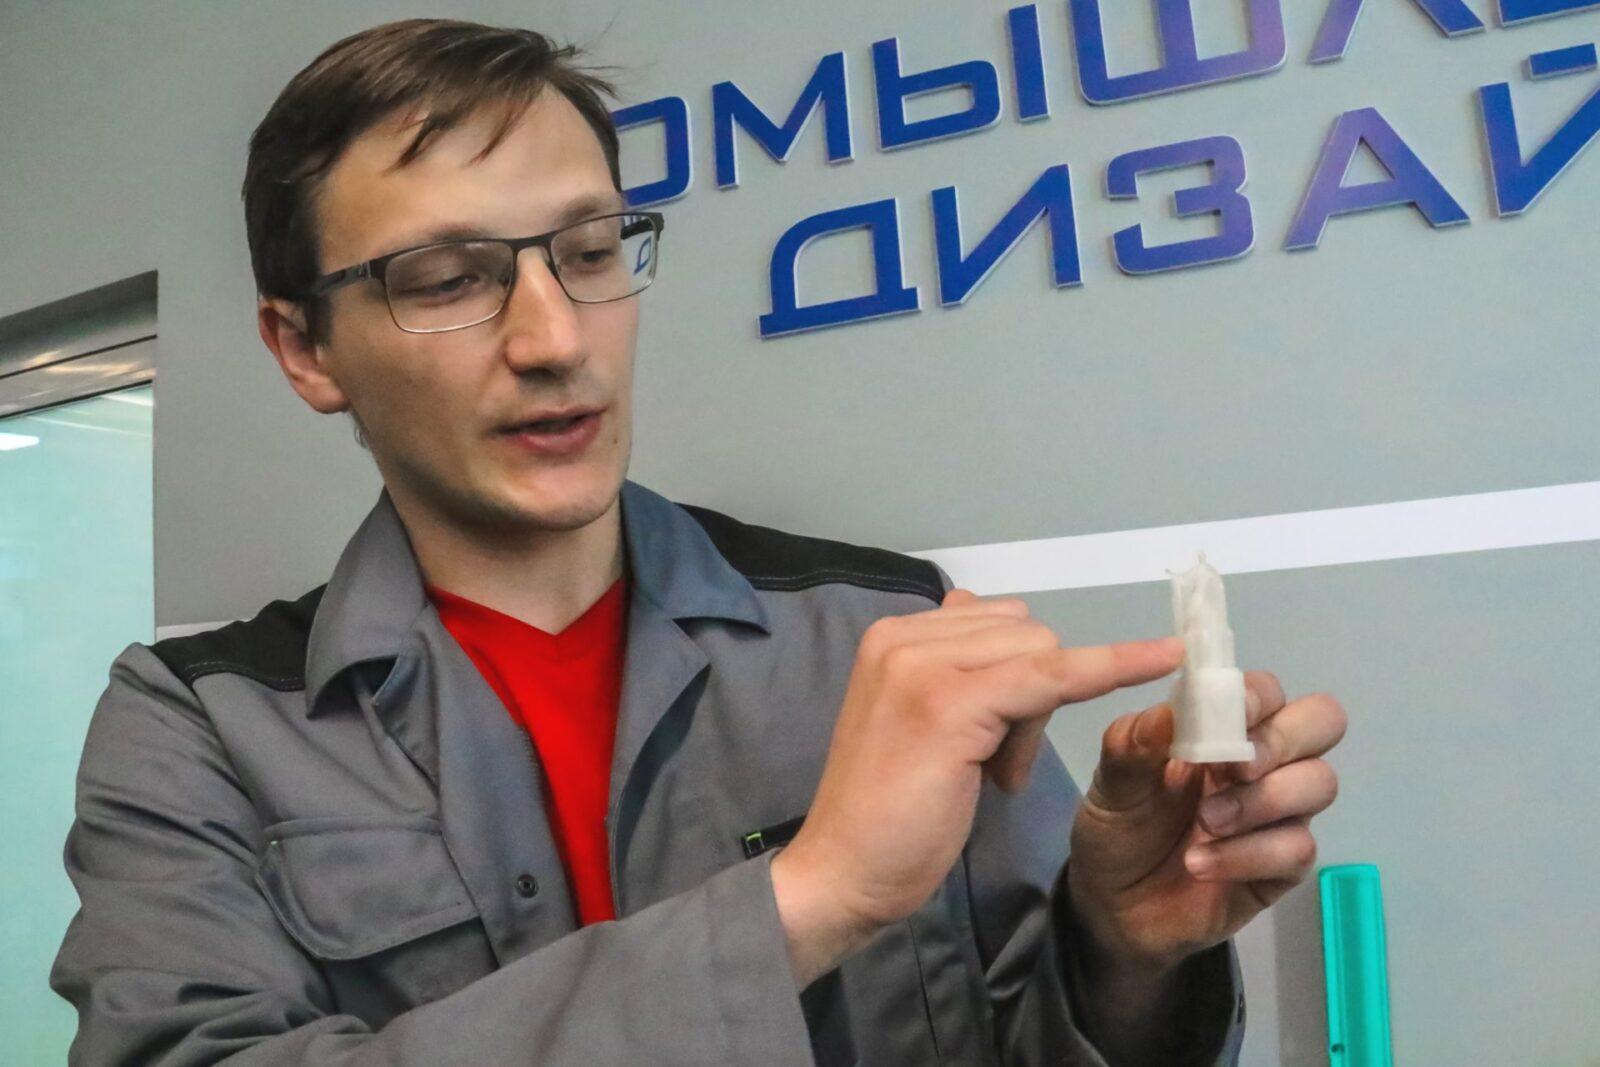 Михаил Бабайцев: Игорь Руденя уделяет много внимания популяризации науки